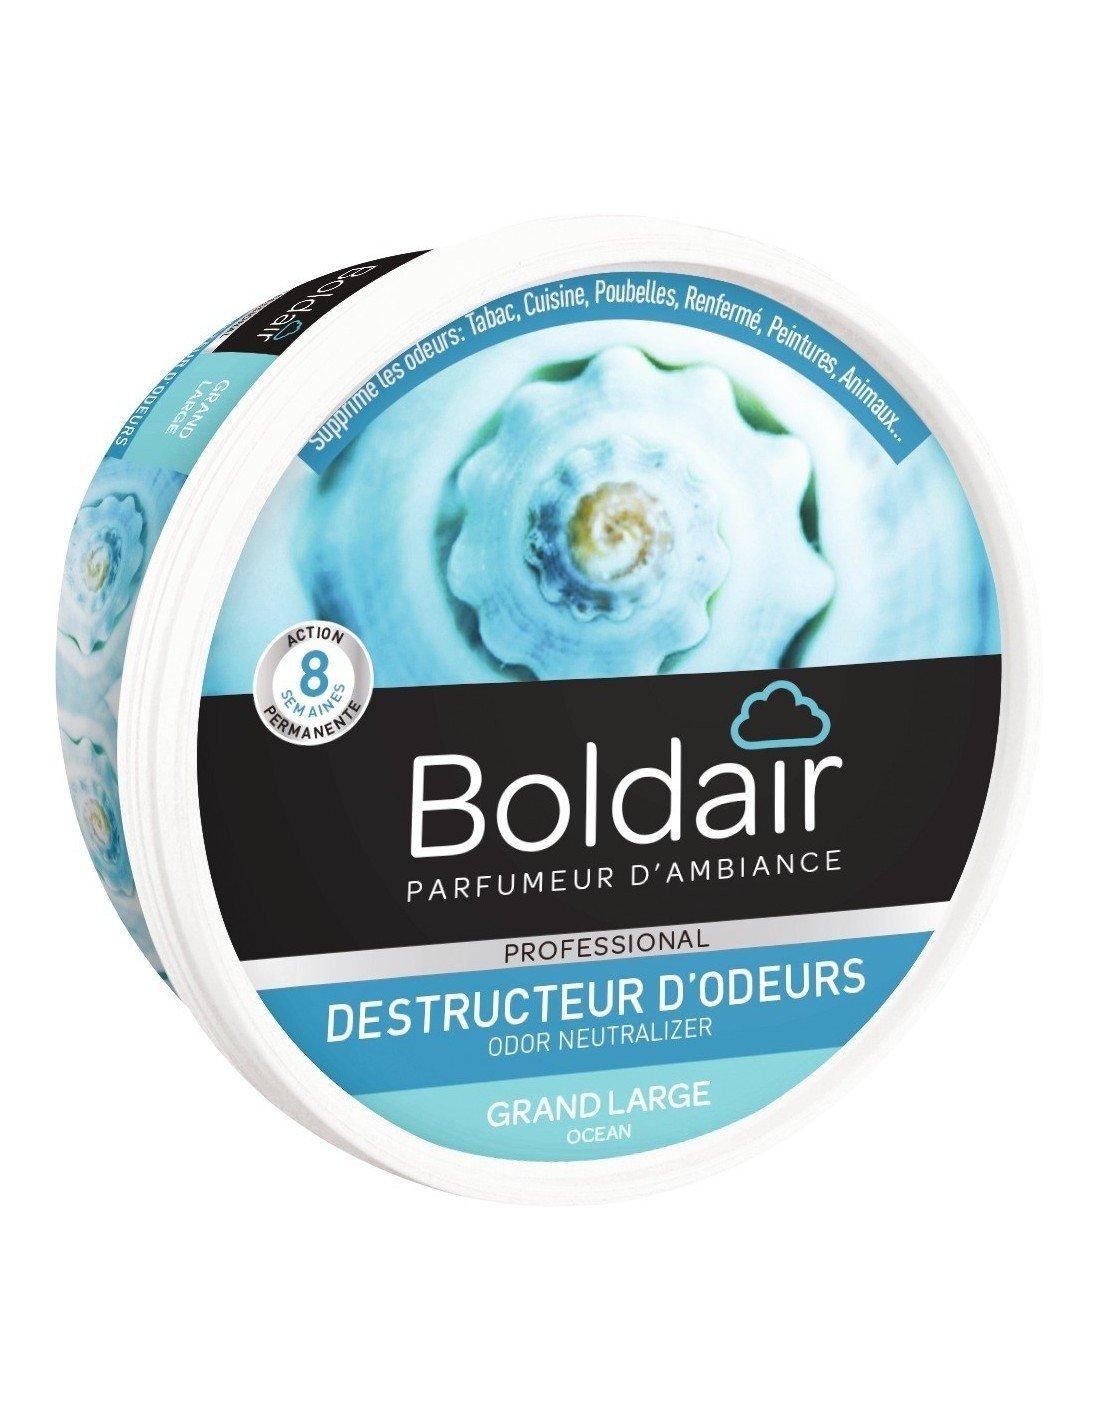 Bonne Odeur Dans La Salle De Bain ~ boldair pot gel destructeurs d odeurs 300g 8 semaines amazon fr